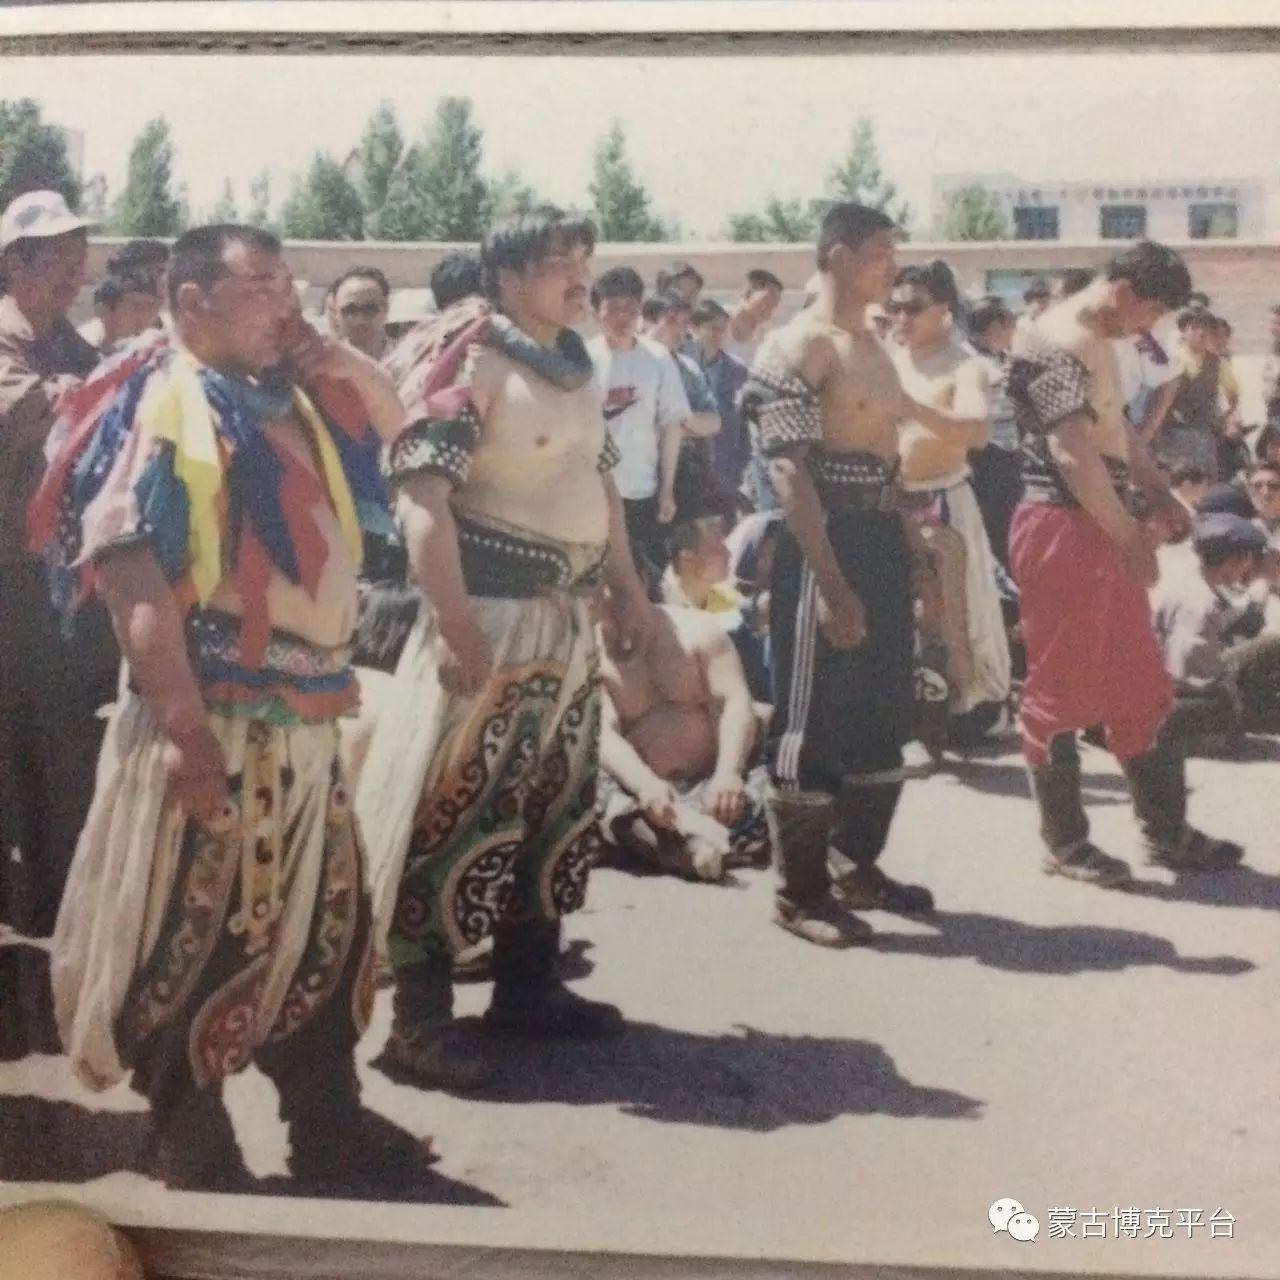 蒙古博克-老前辈们(图片) 第15张 蒙古博克-老前辈们(图片) 蒙古文化